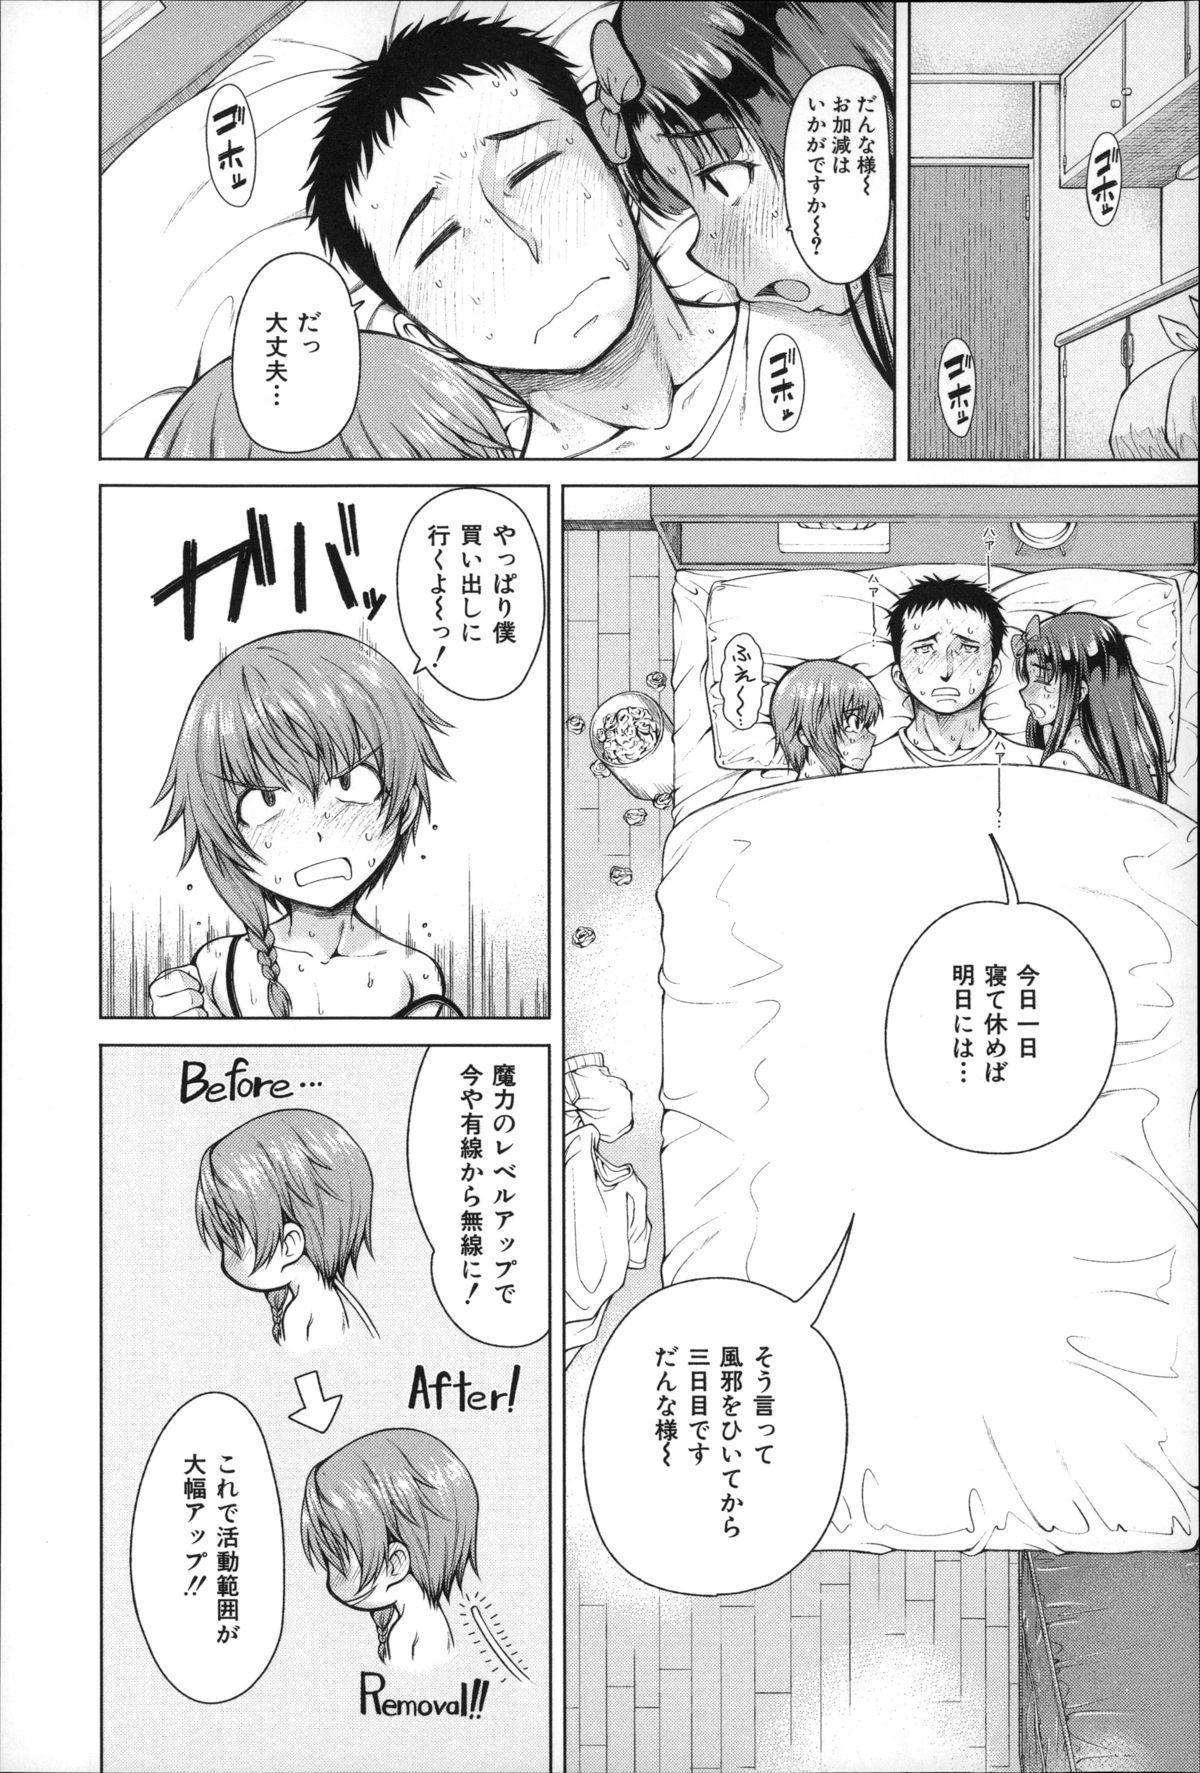 Migite ga Bishoujo ni Natta kara Sex Shita kedo Doutei dayone!! 82